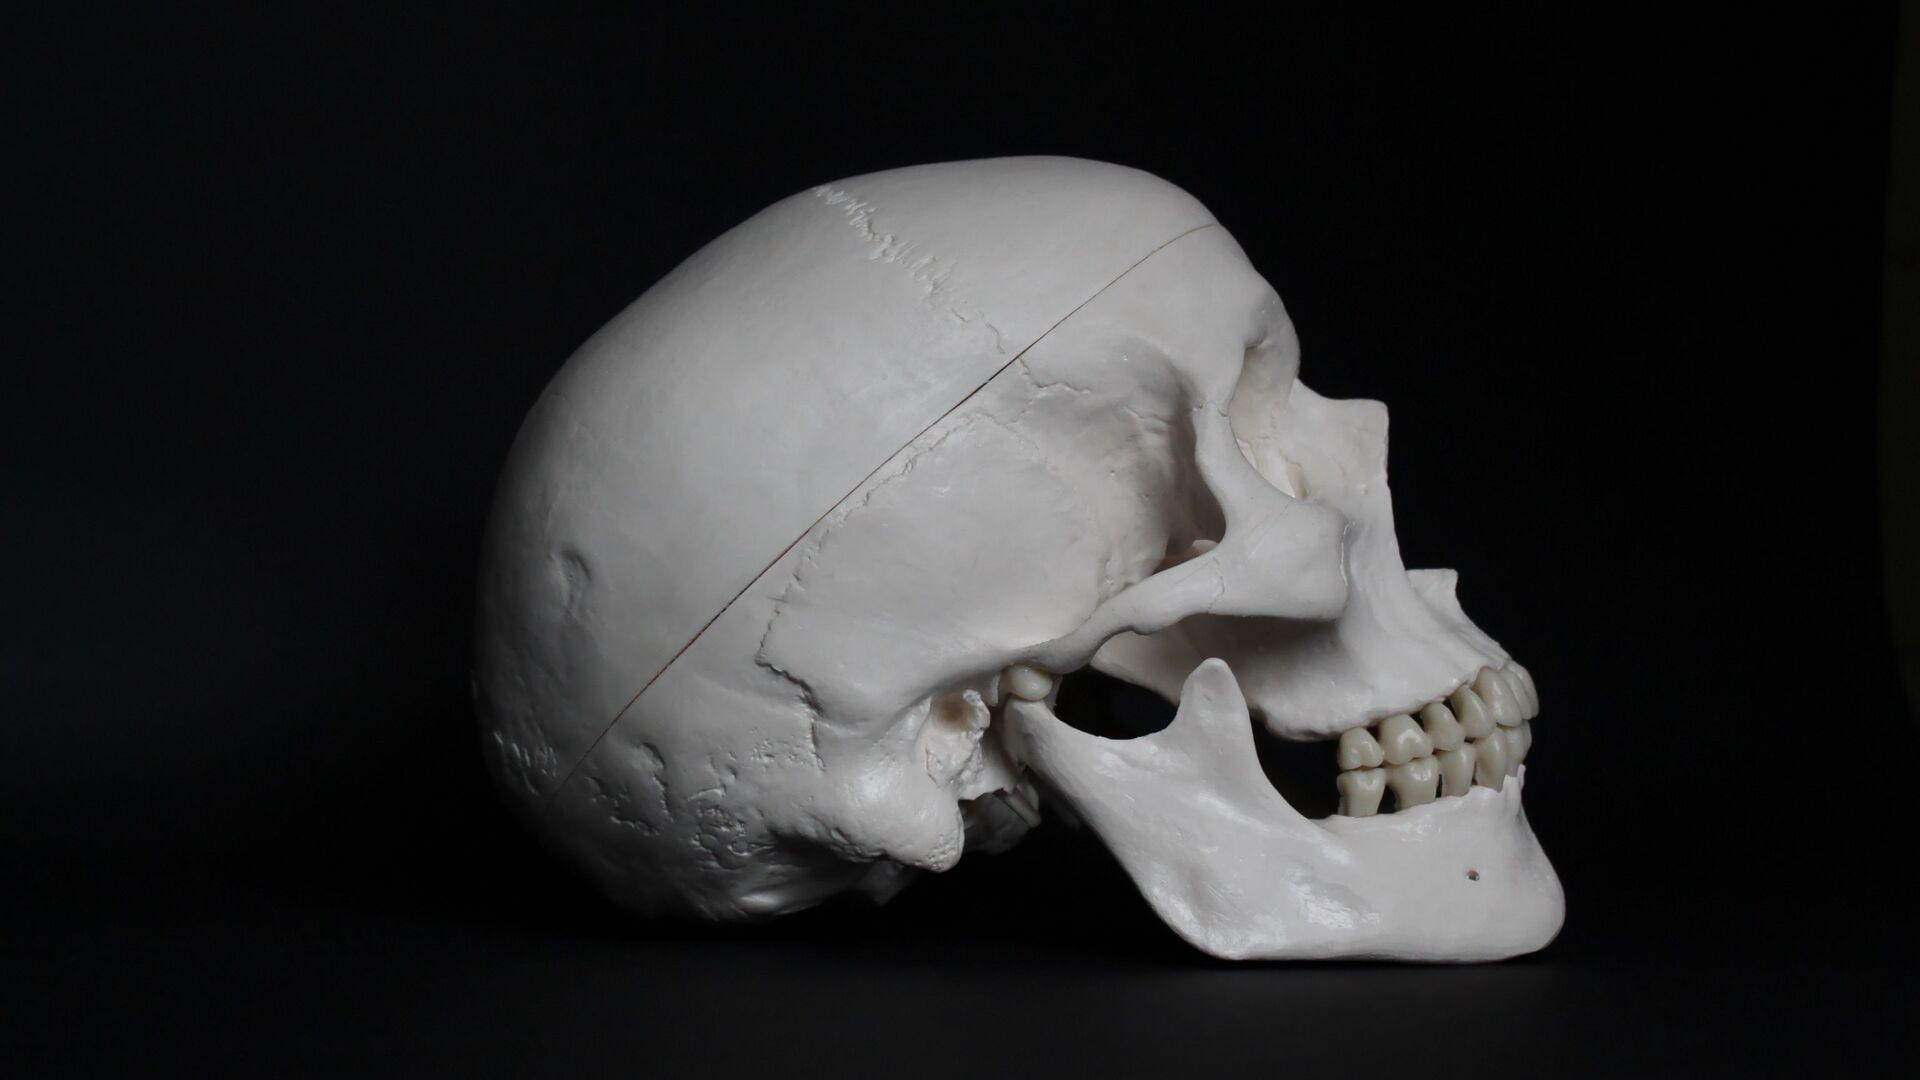 Un cráneo humano (archivo) - Sputnik Mundo, 1920, 27.05.2021